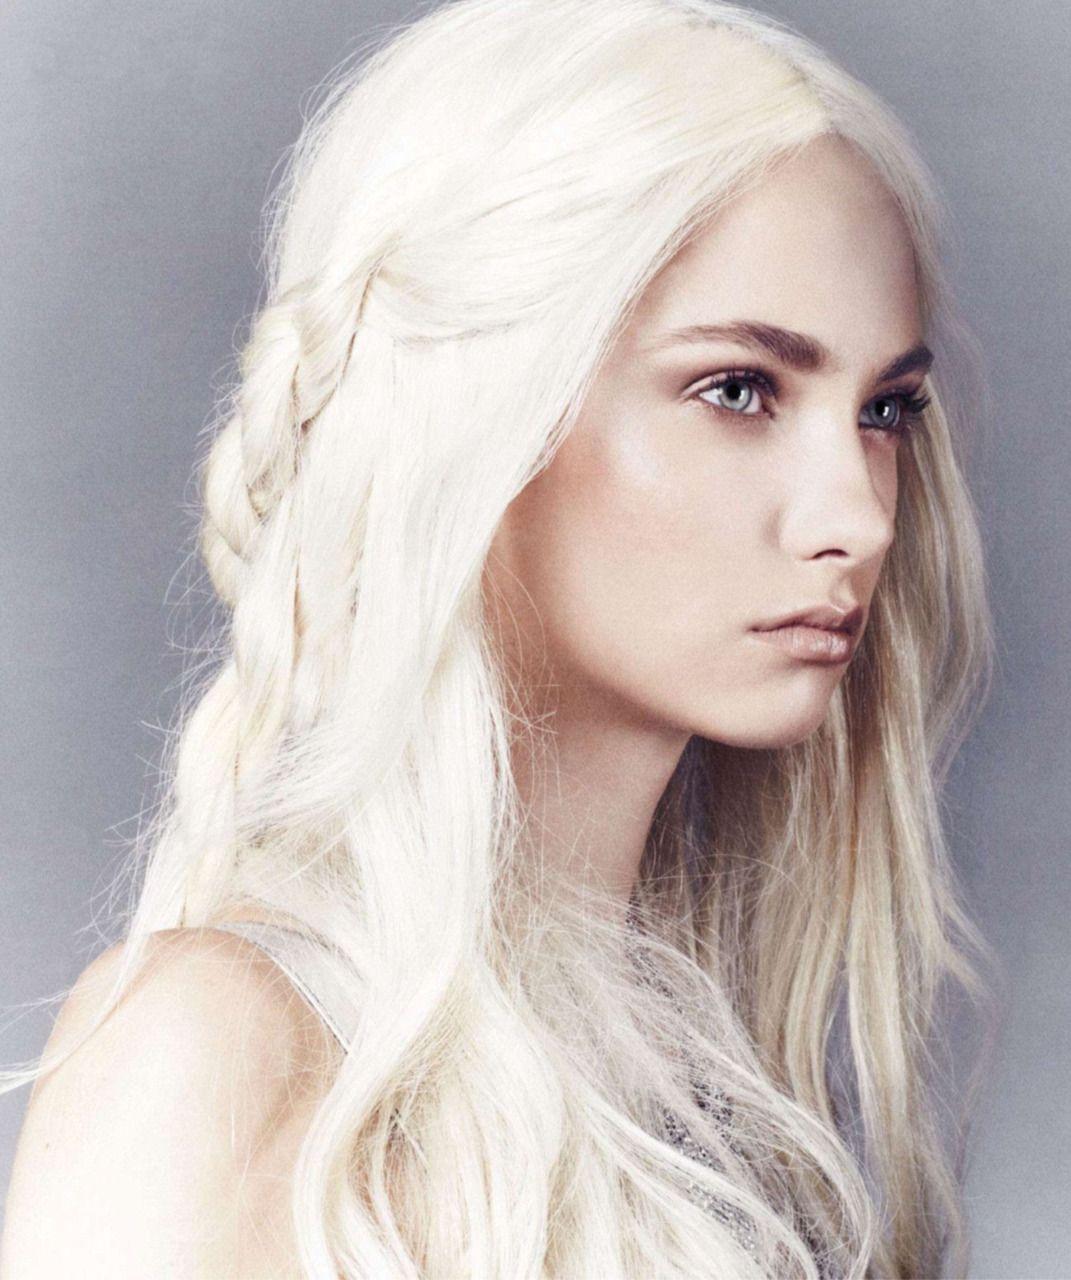 Couleur cheveux blanc jeune